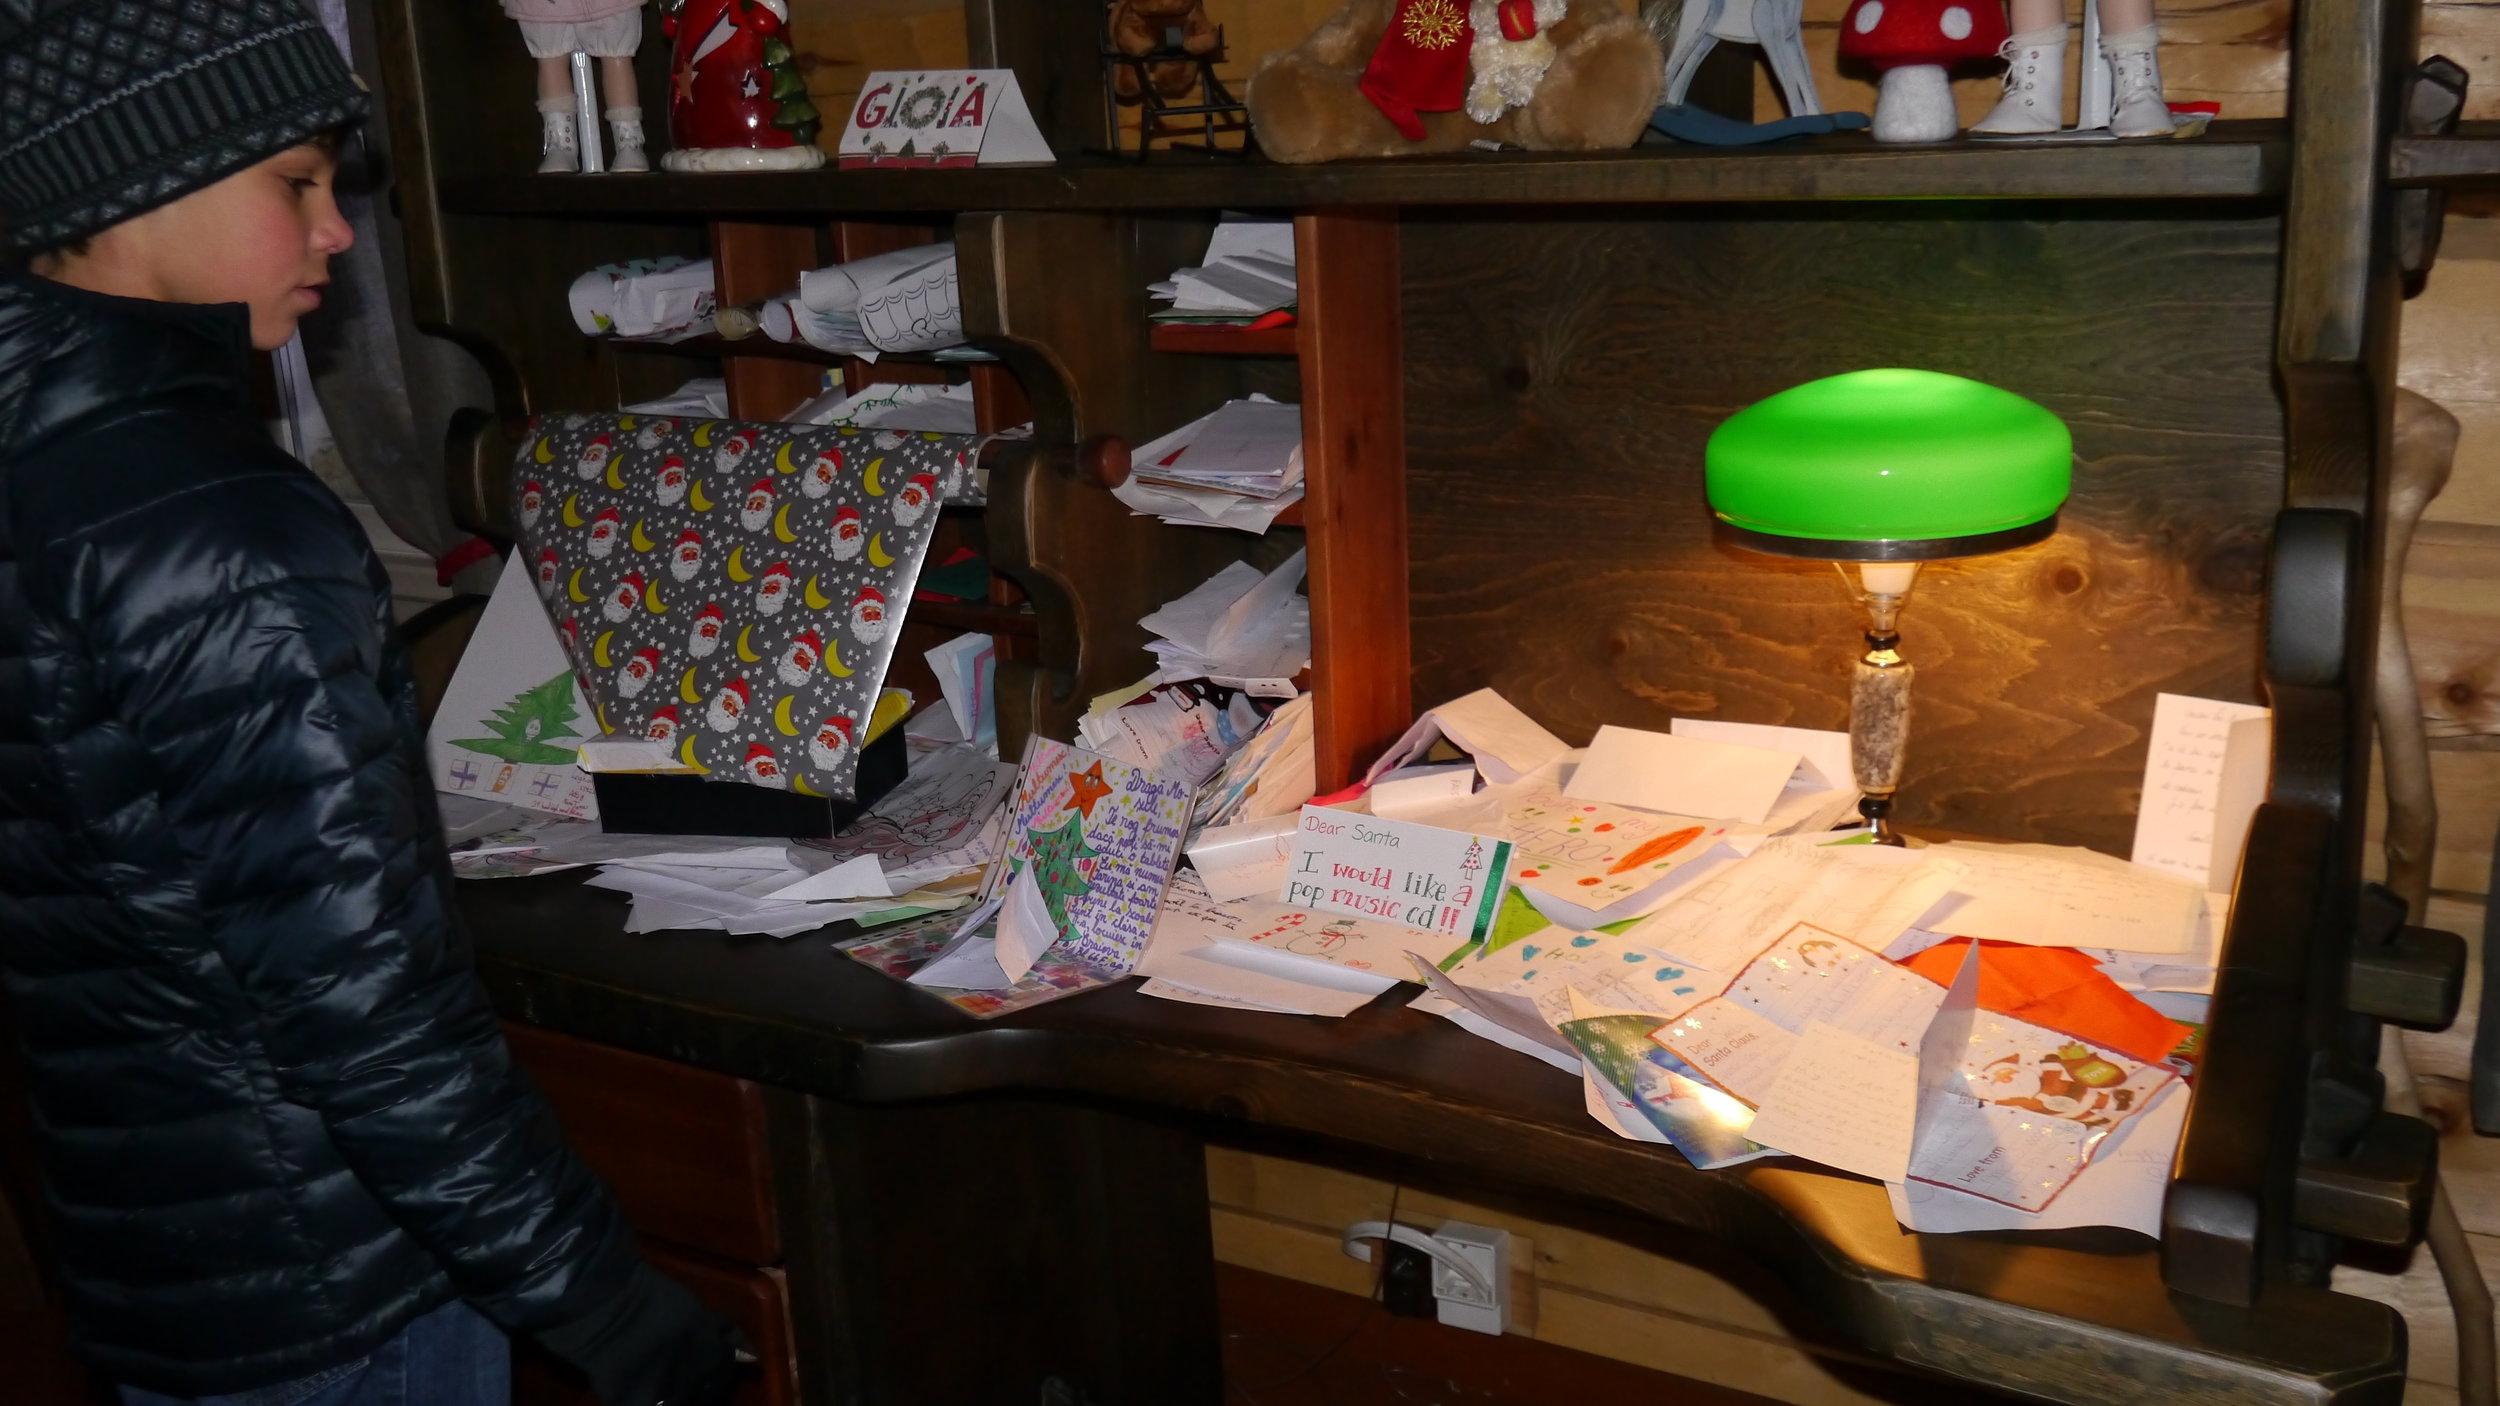 12-24-14 Aidan Santa desk copy.JPG